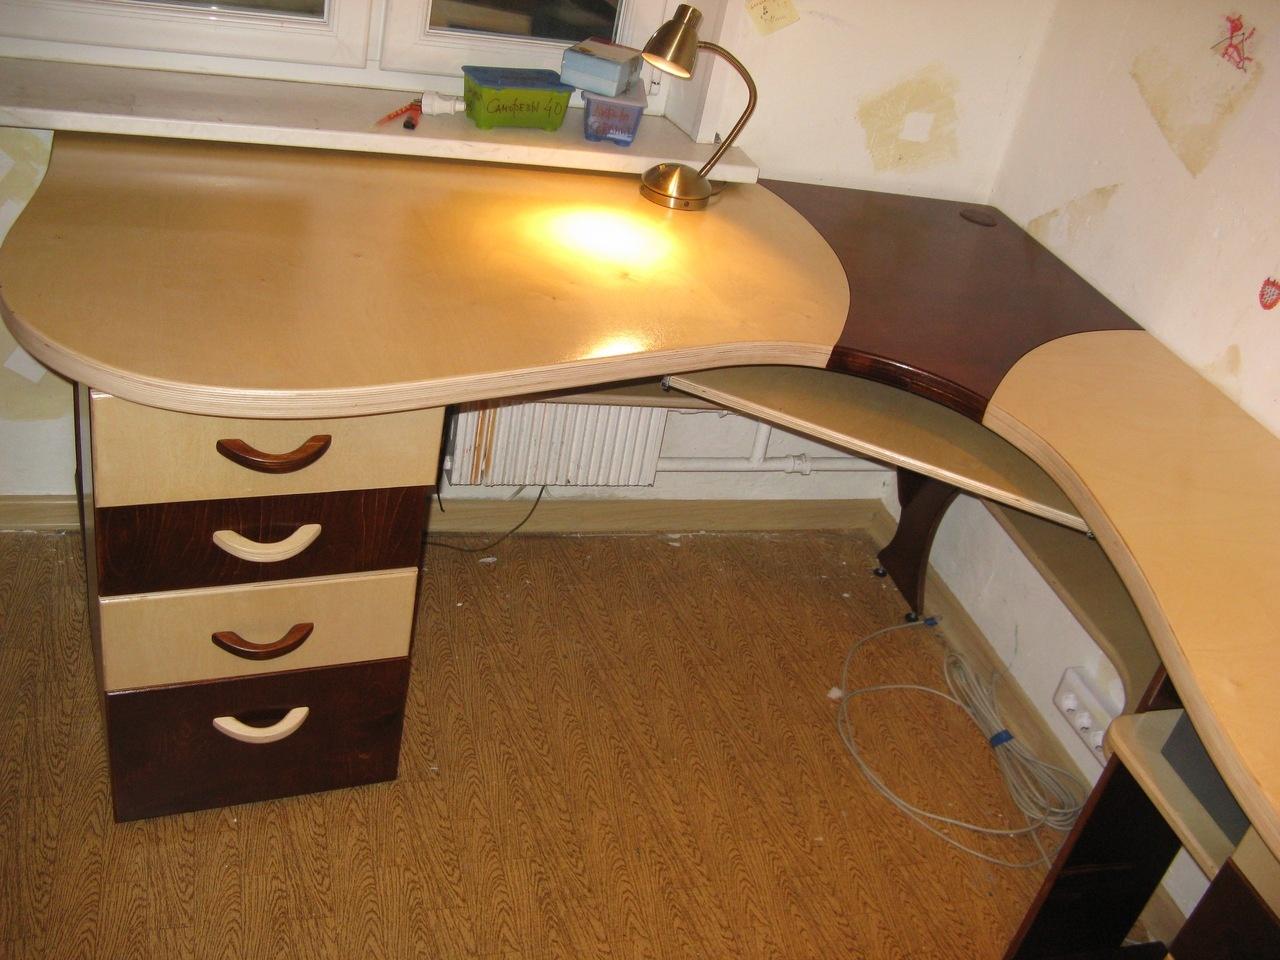 """Угловой стол из фанеры."""" - карточка пользователя tihon4eva в."""